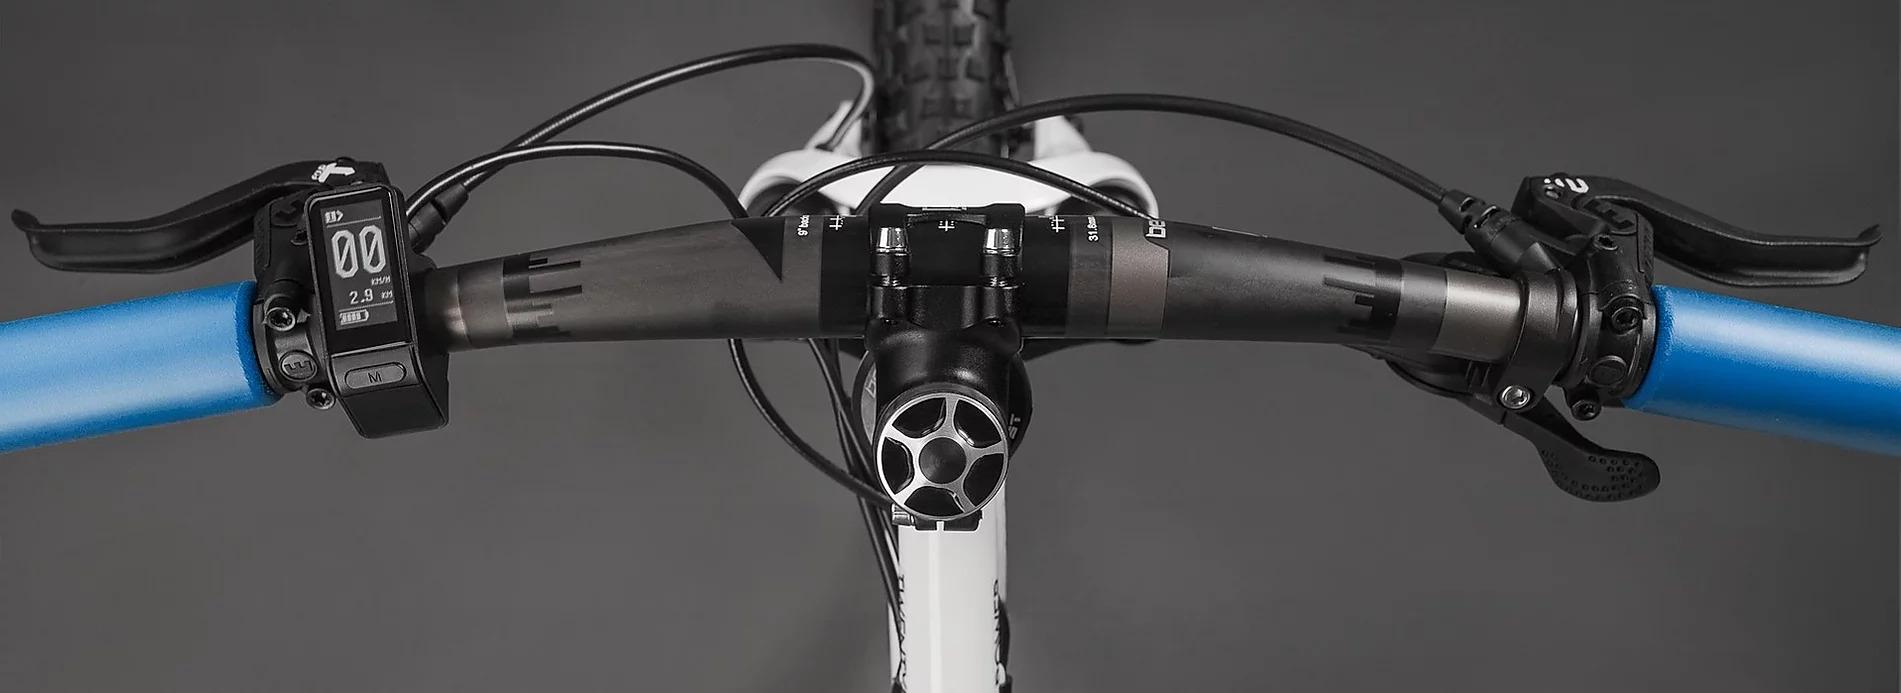 Lenker/Cockpit an einem Ben-E-Bike Jugendrad